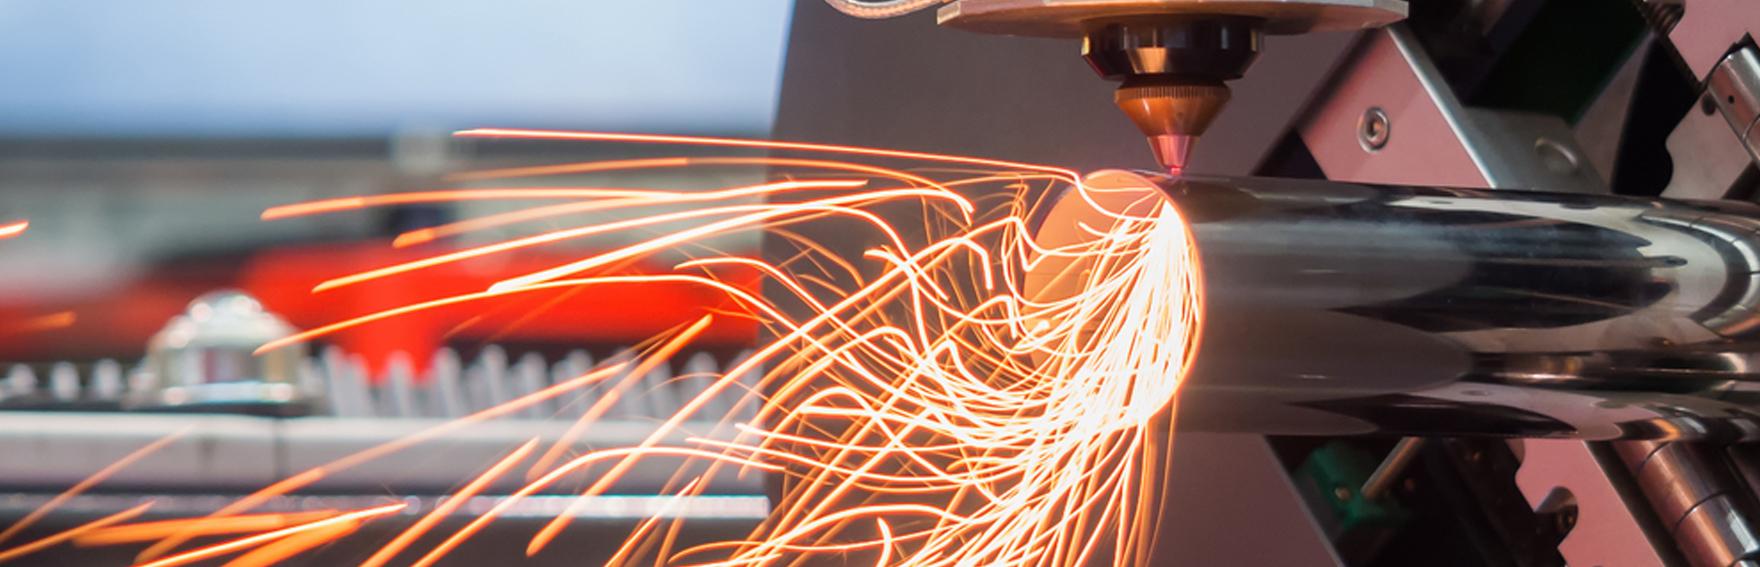 Taglio laser sezioni speciali